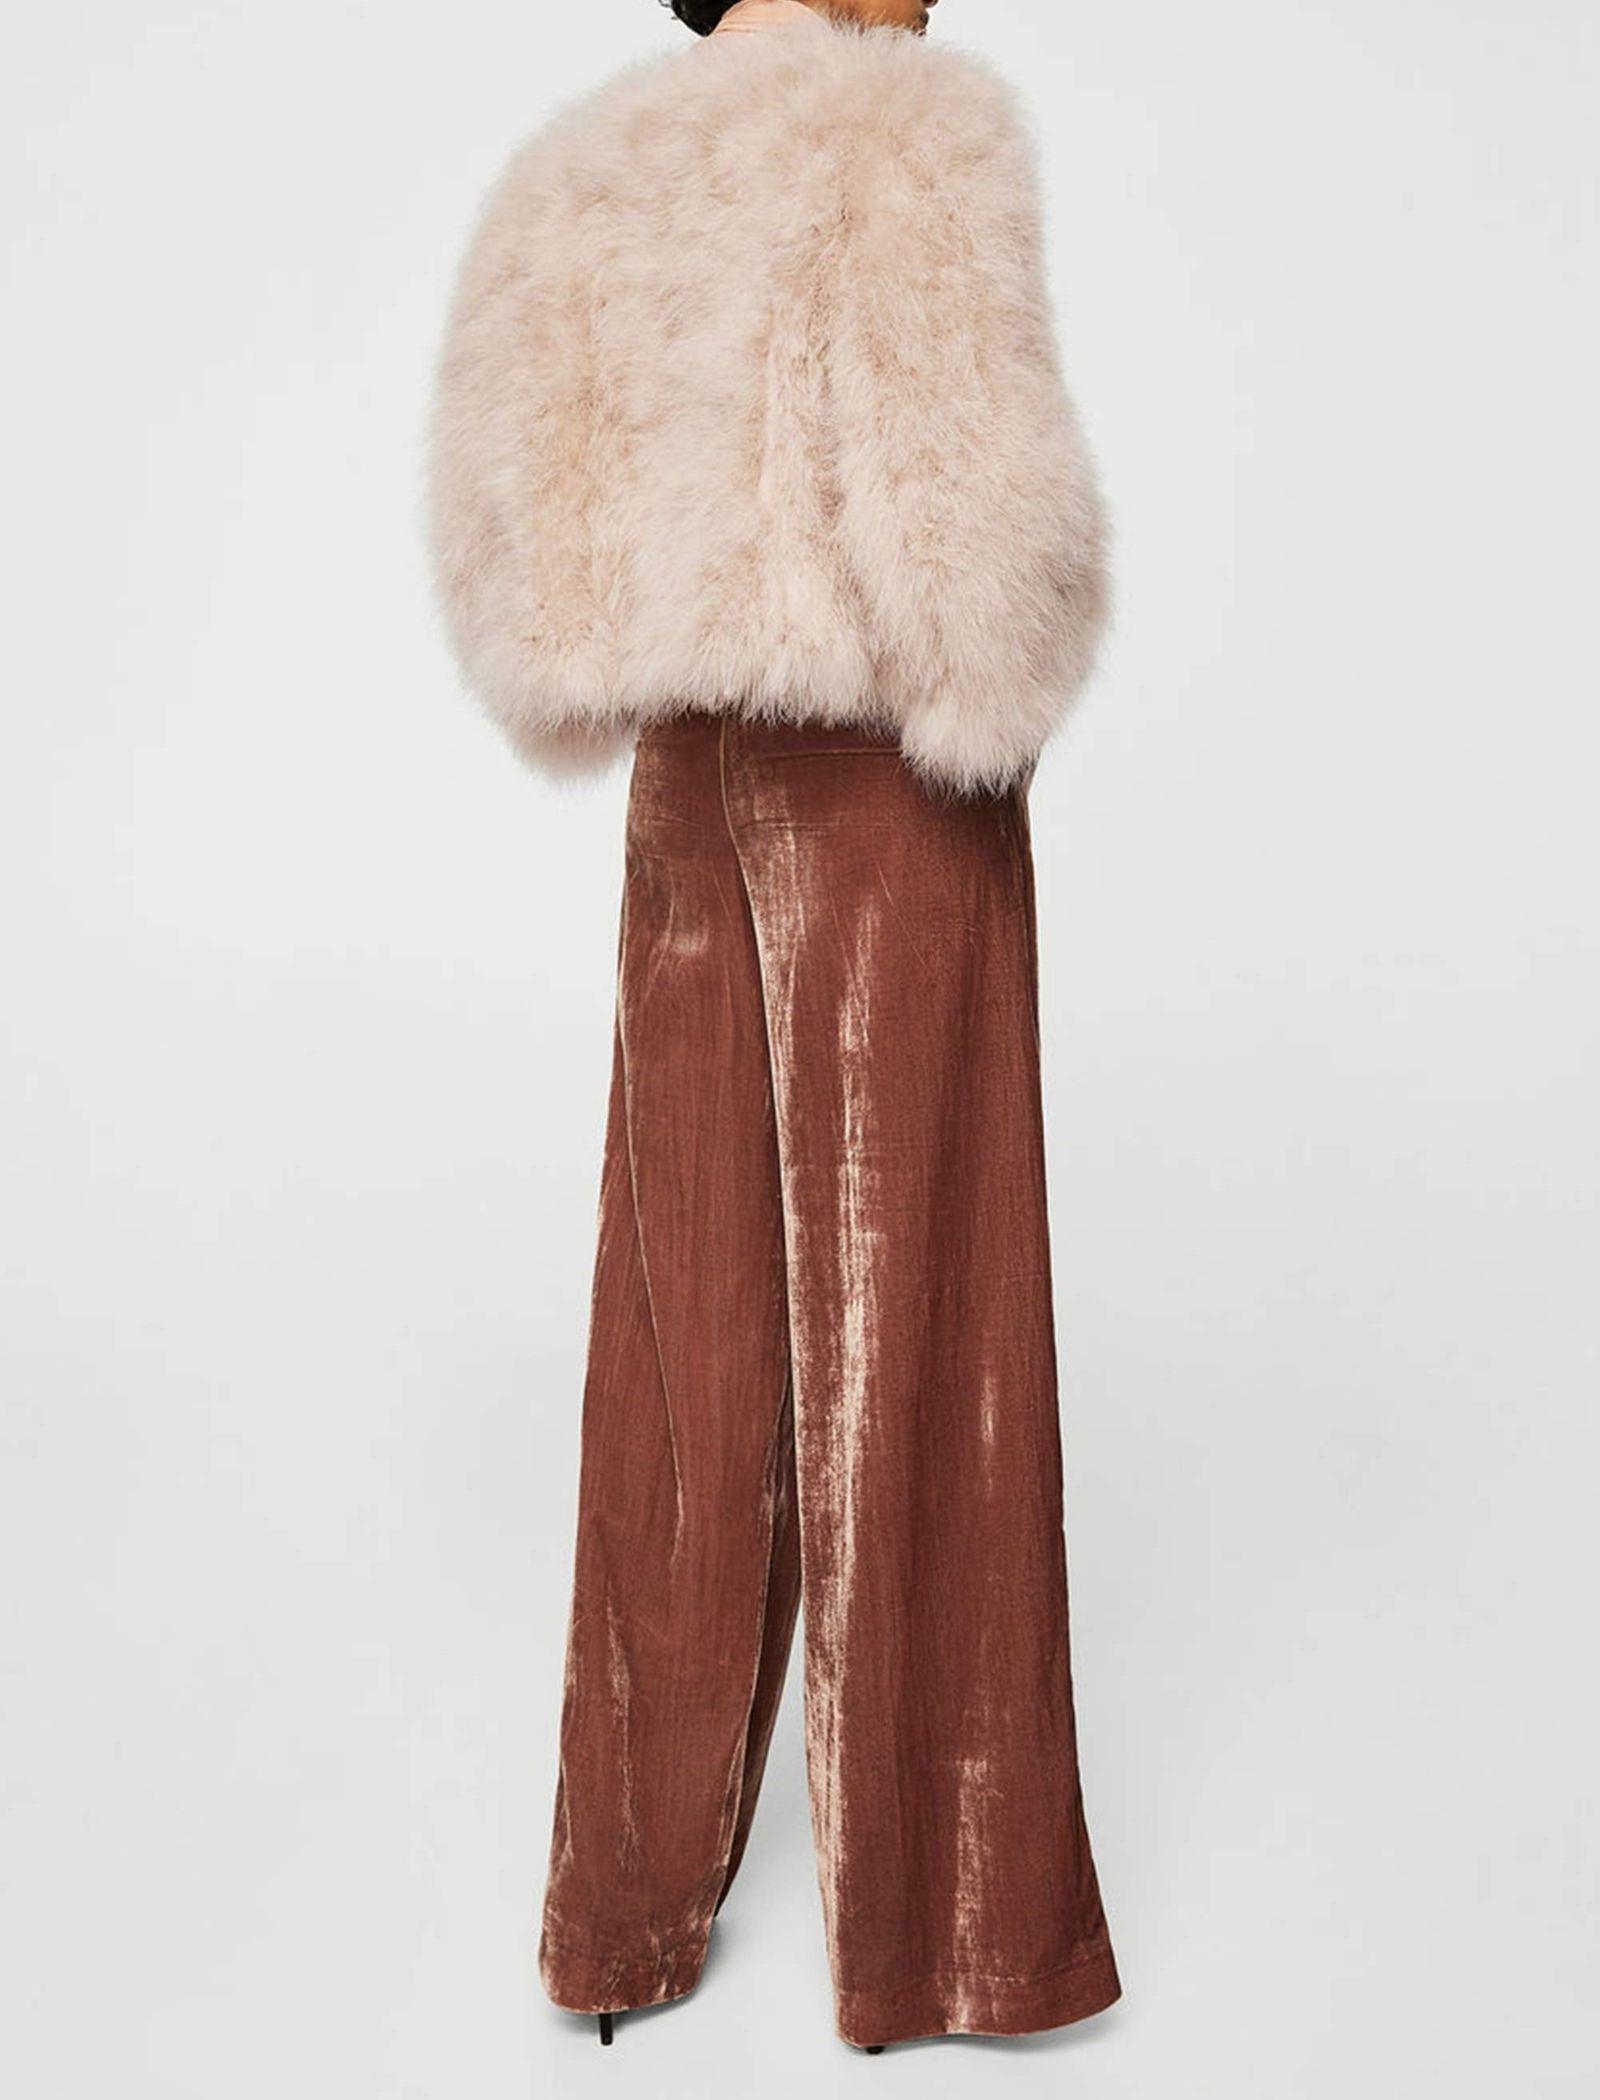 کت پر کوتاه زنانه - مانگو - صورتی - 6